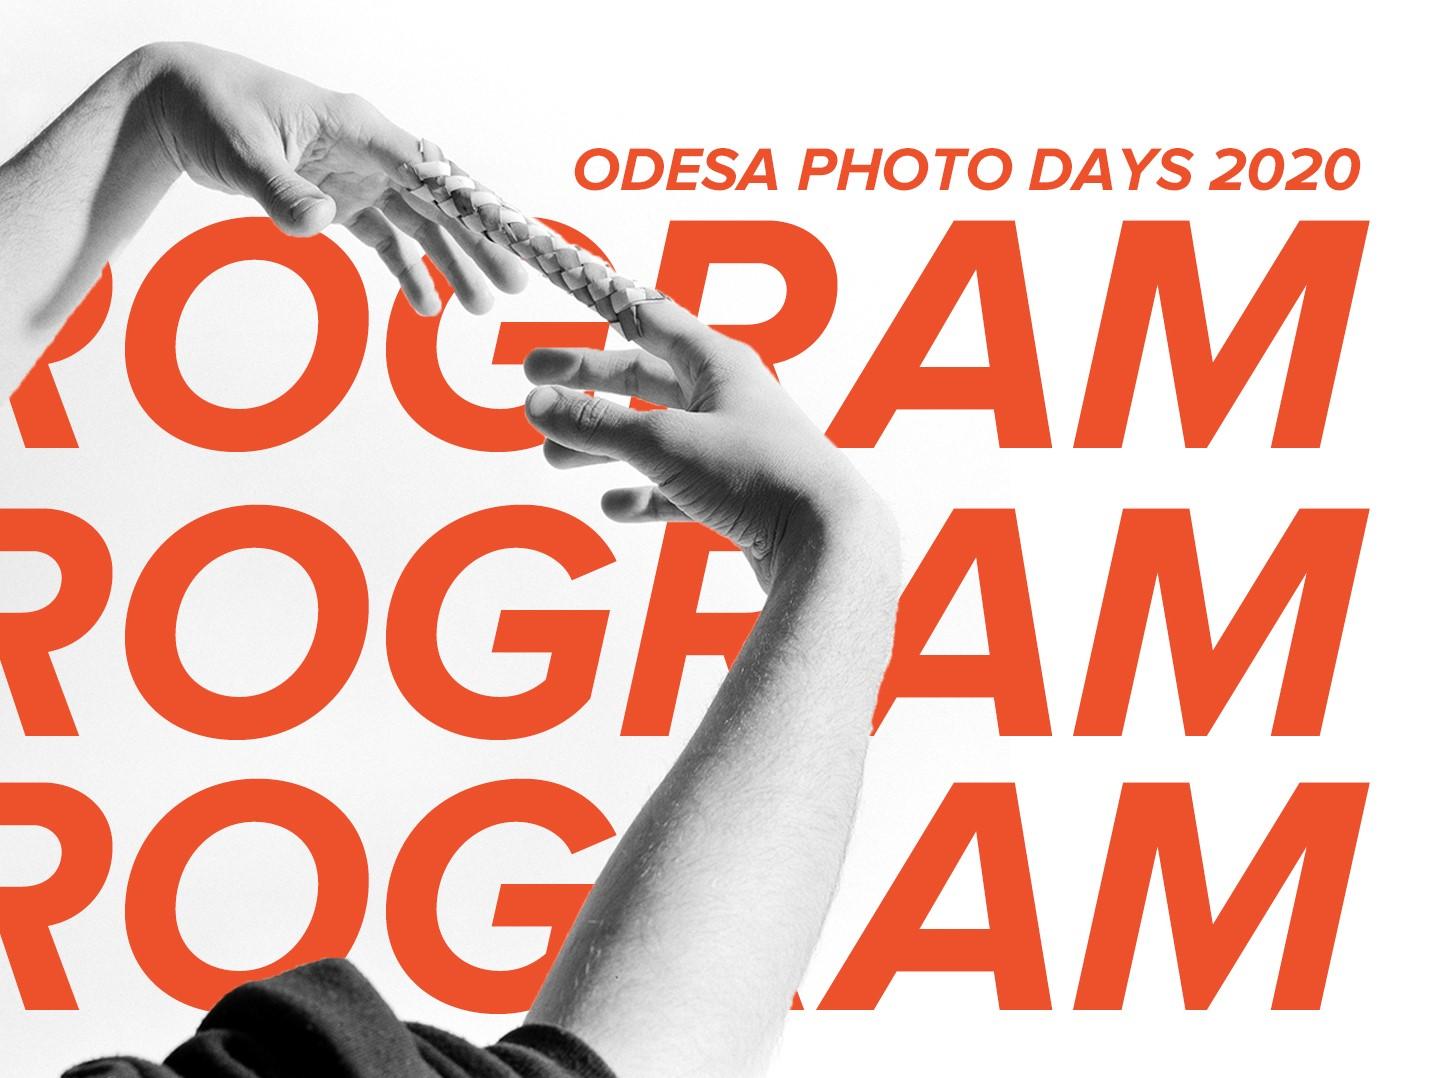 Международный фотофестиваль Odessa Photo Days 2020 состоится онлайн